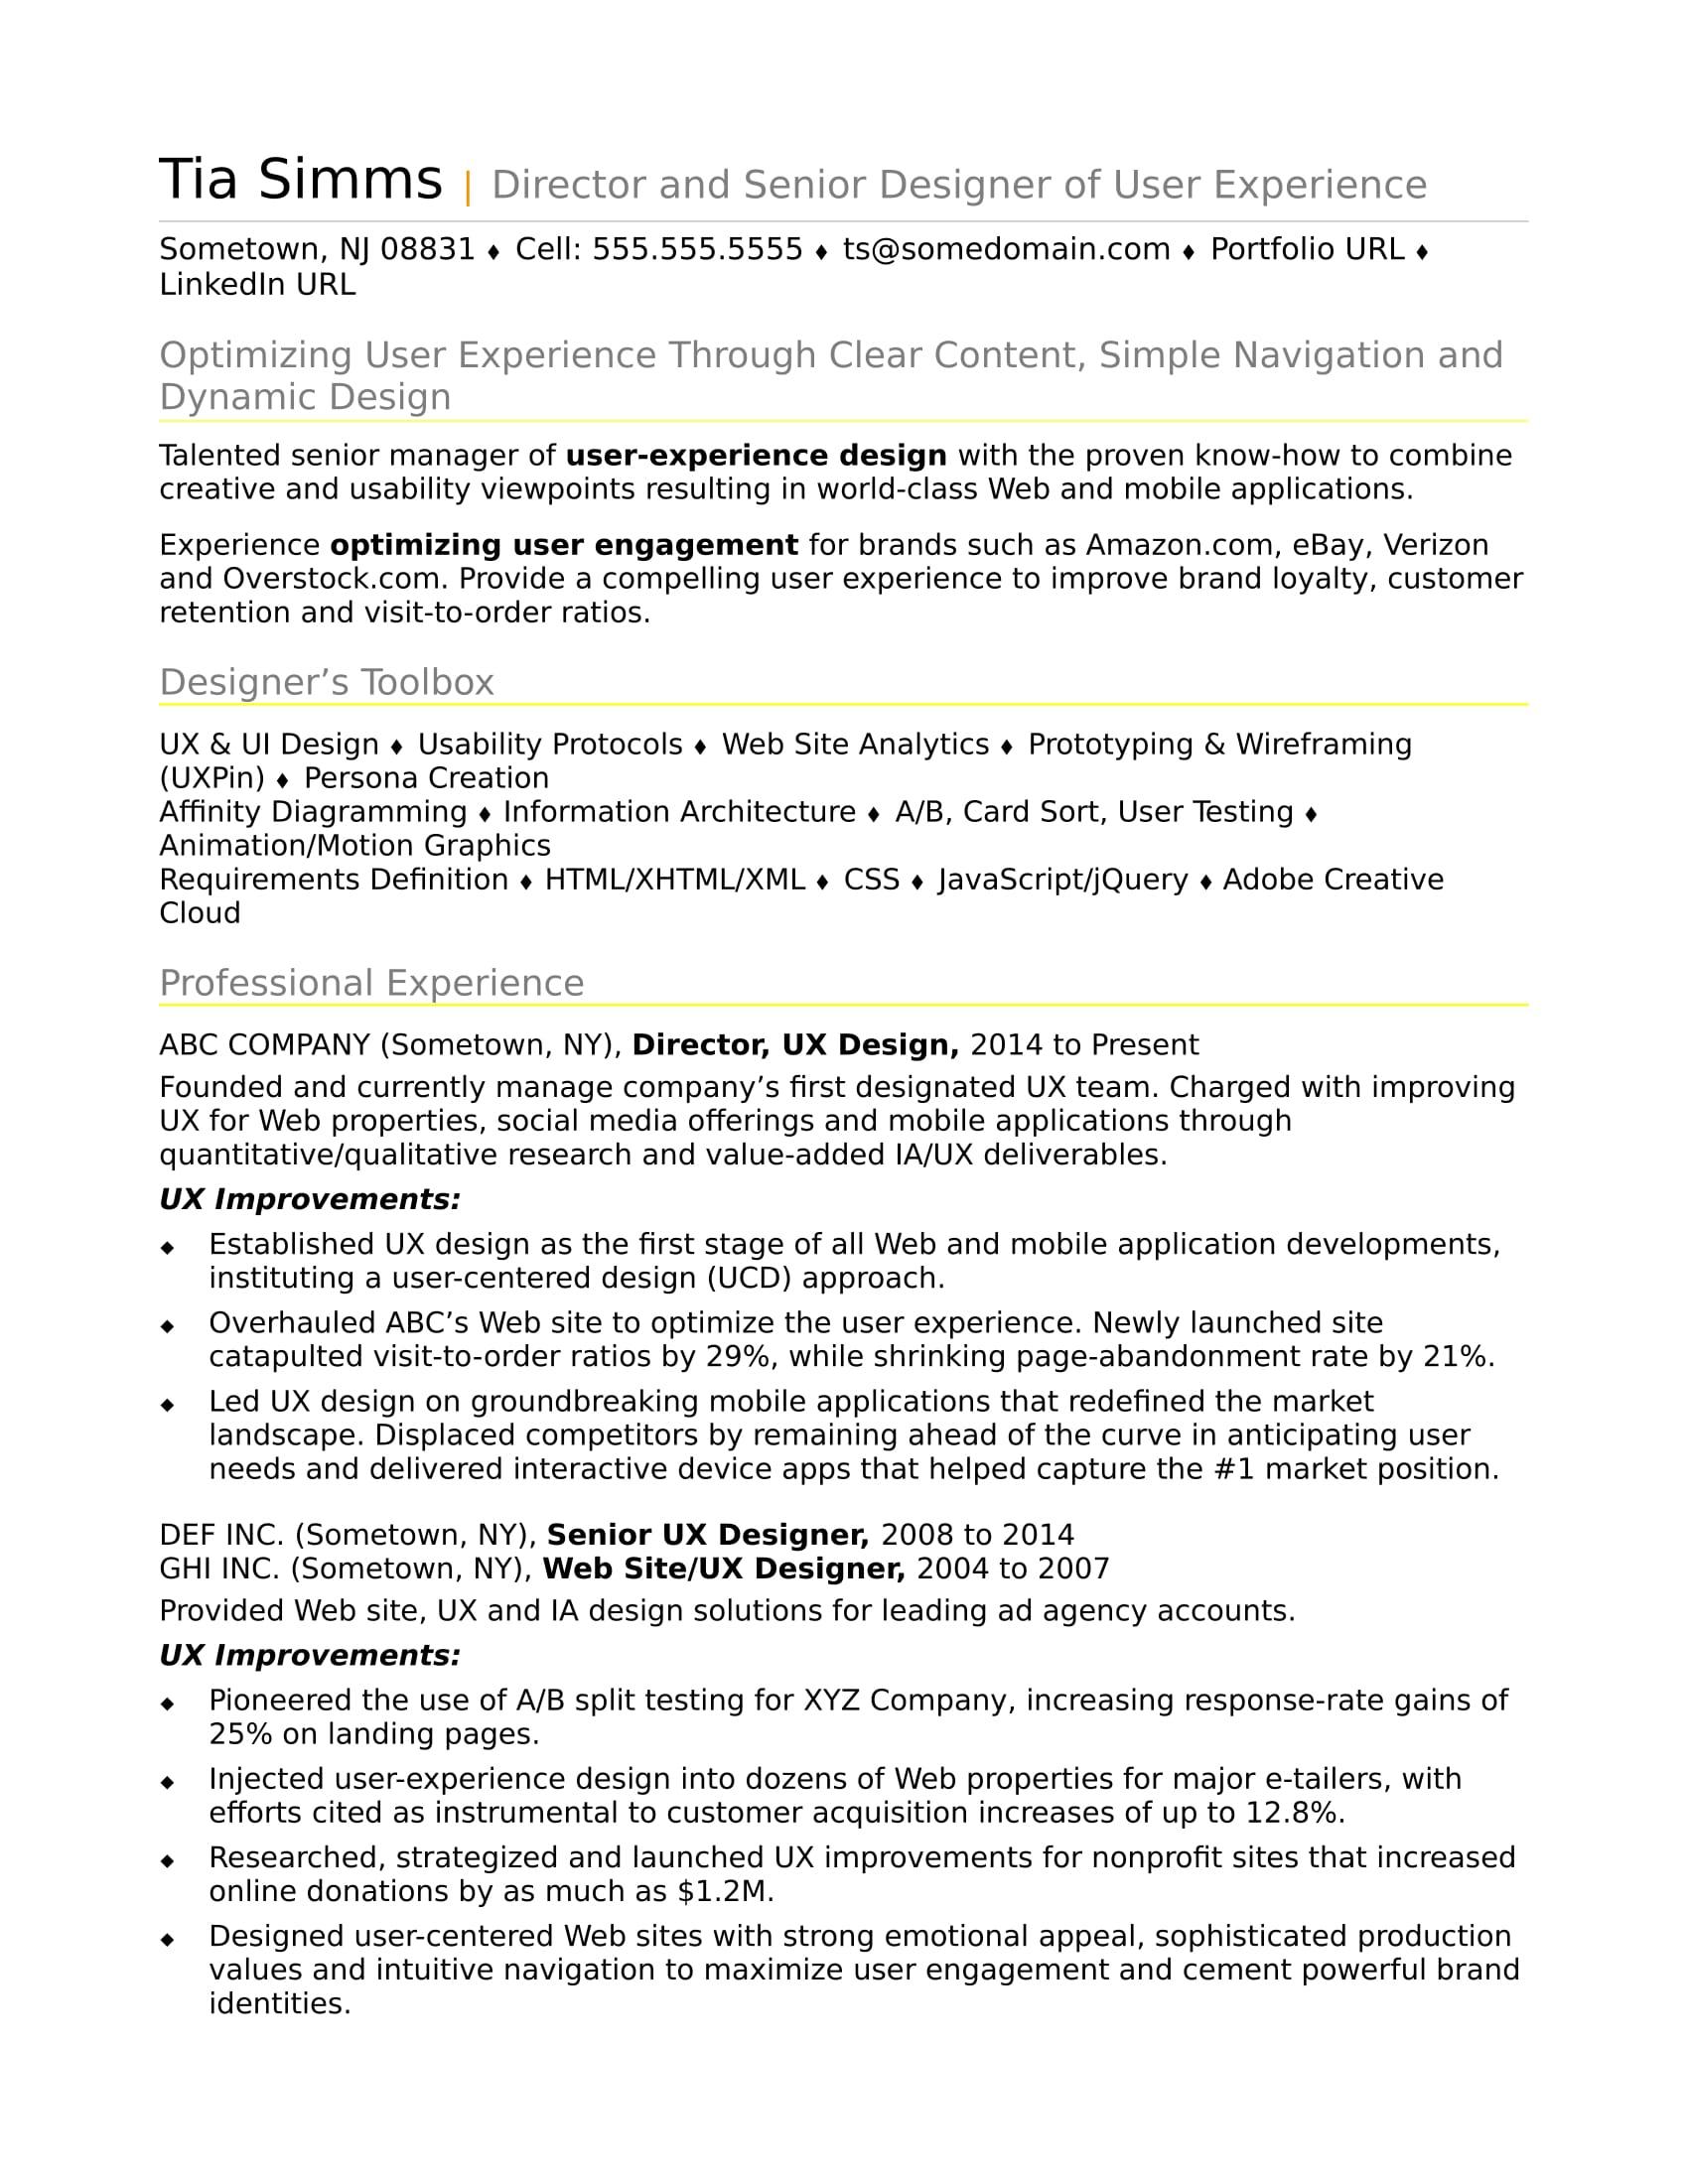 Sample Resume for an Experienced UX Designer  Monstercom